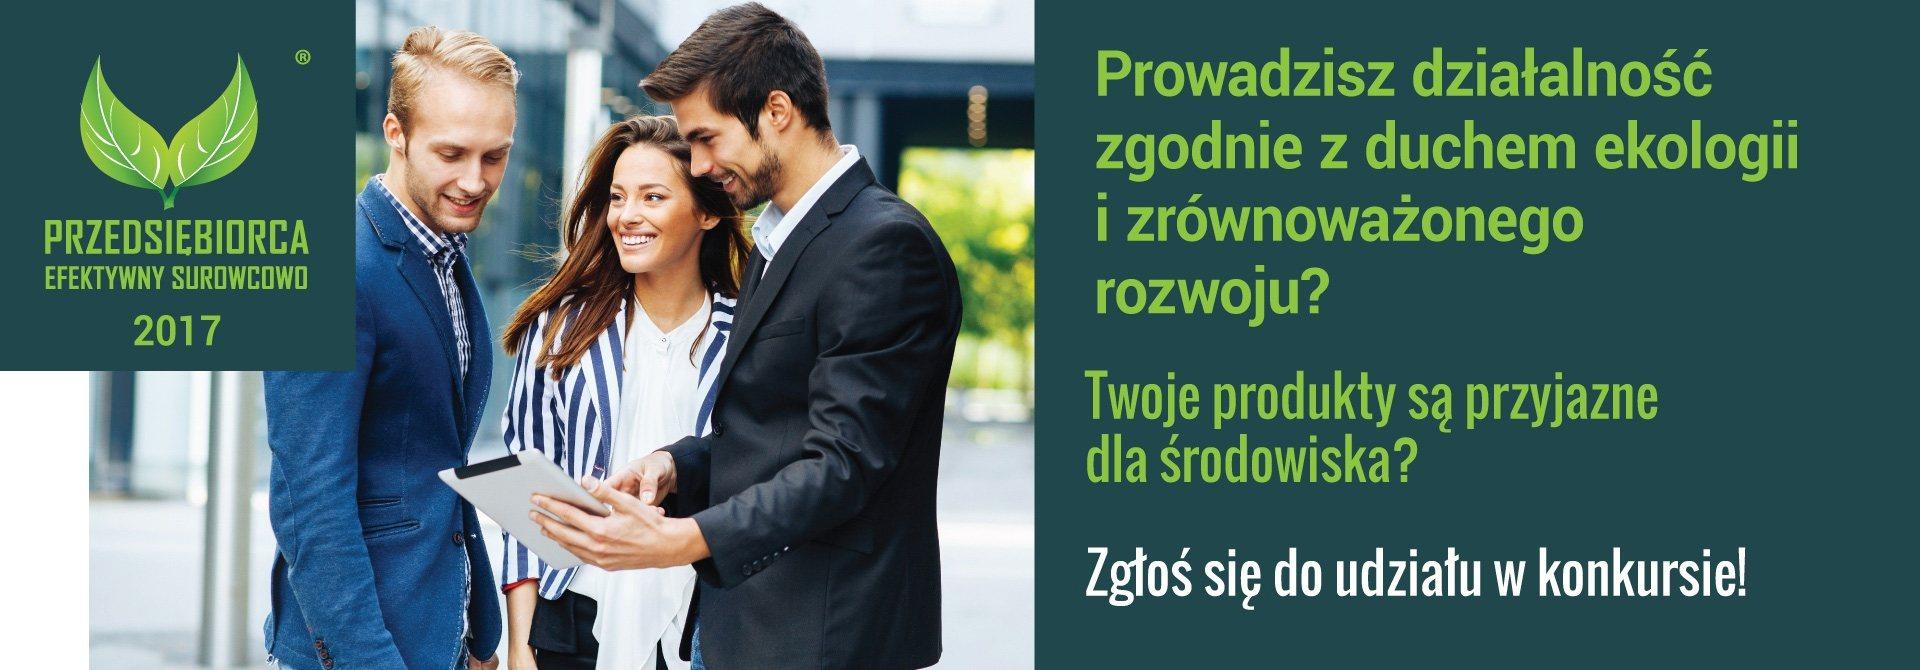 ec_konkurs_przedsiebiorca_efektywny_surowcowo_ed_2017